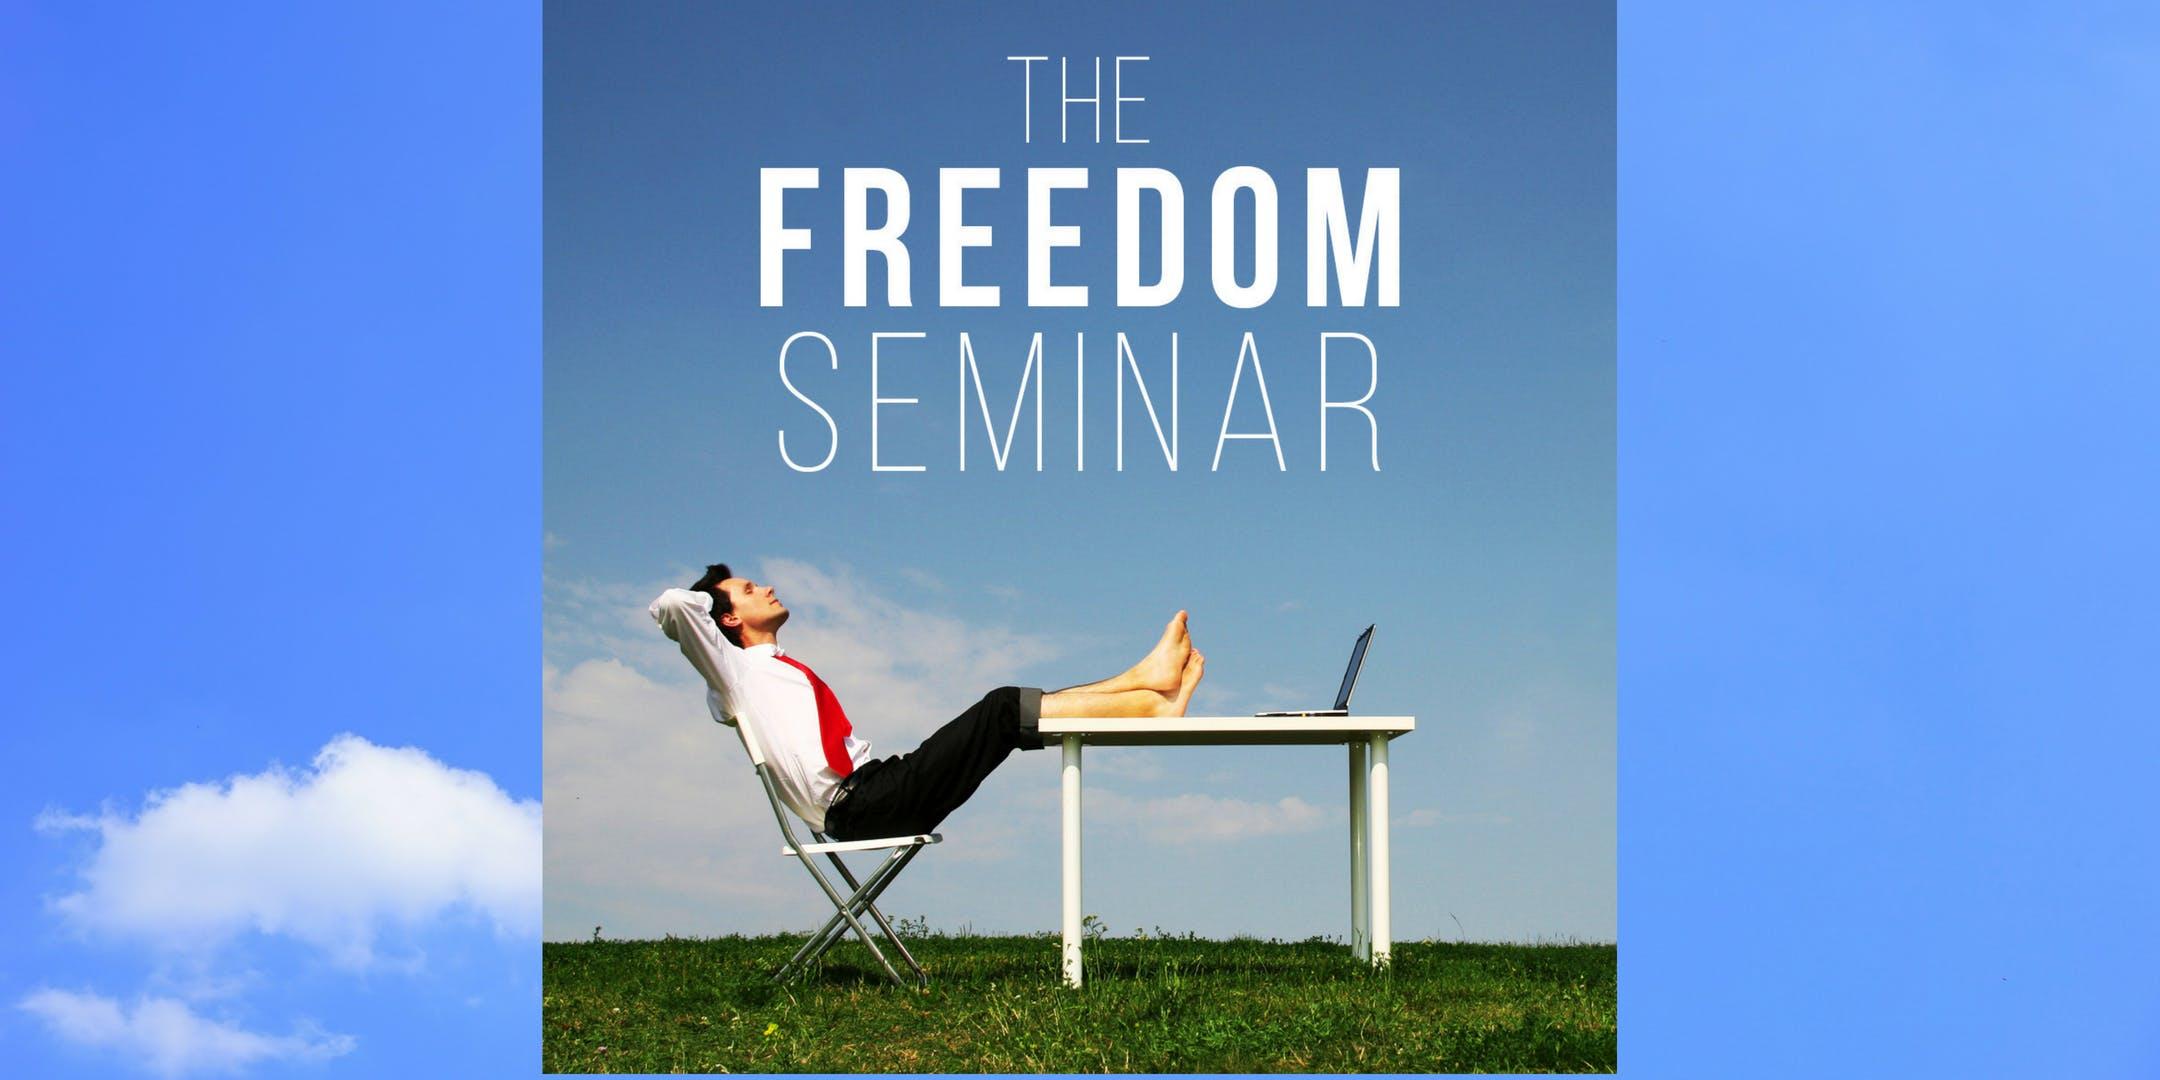 Freedom Seminar